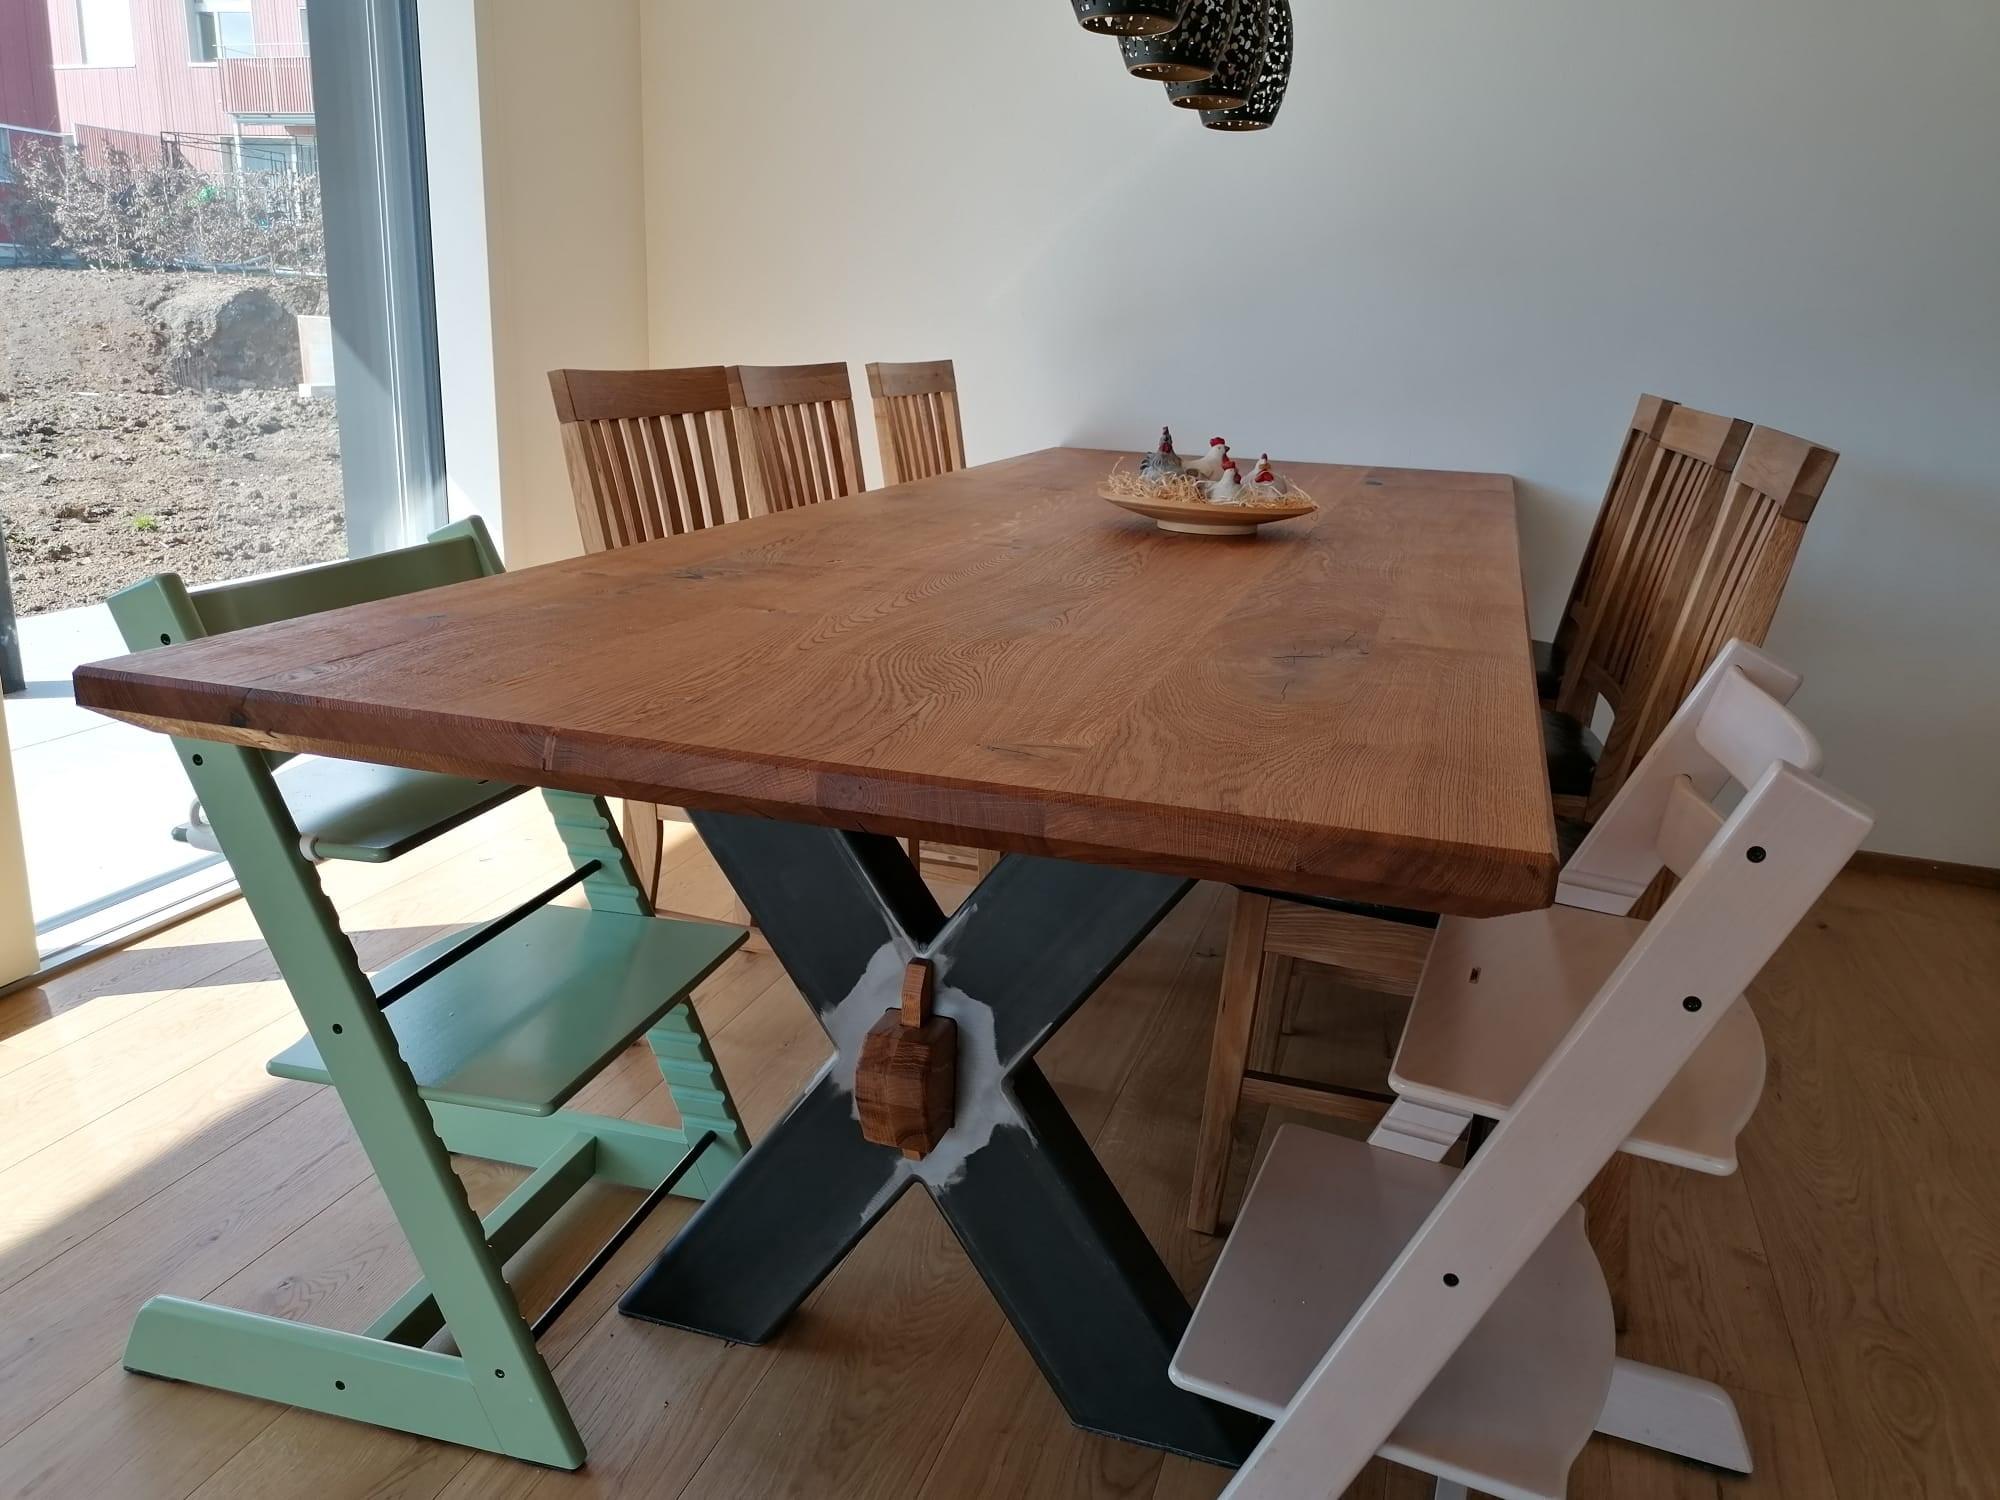 Tisch in Eiche mit Metall kombiniert